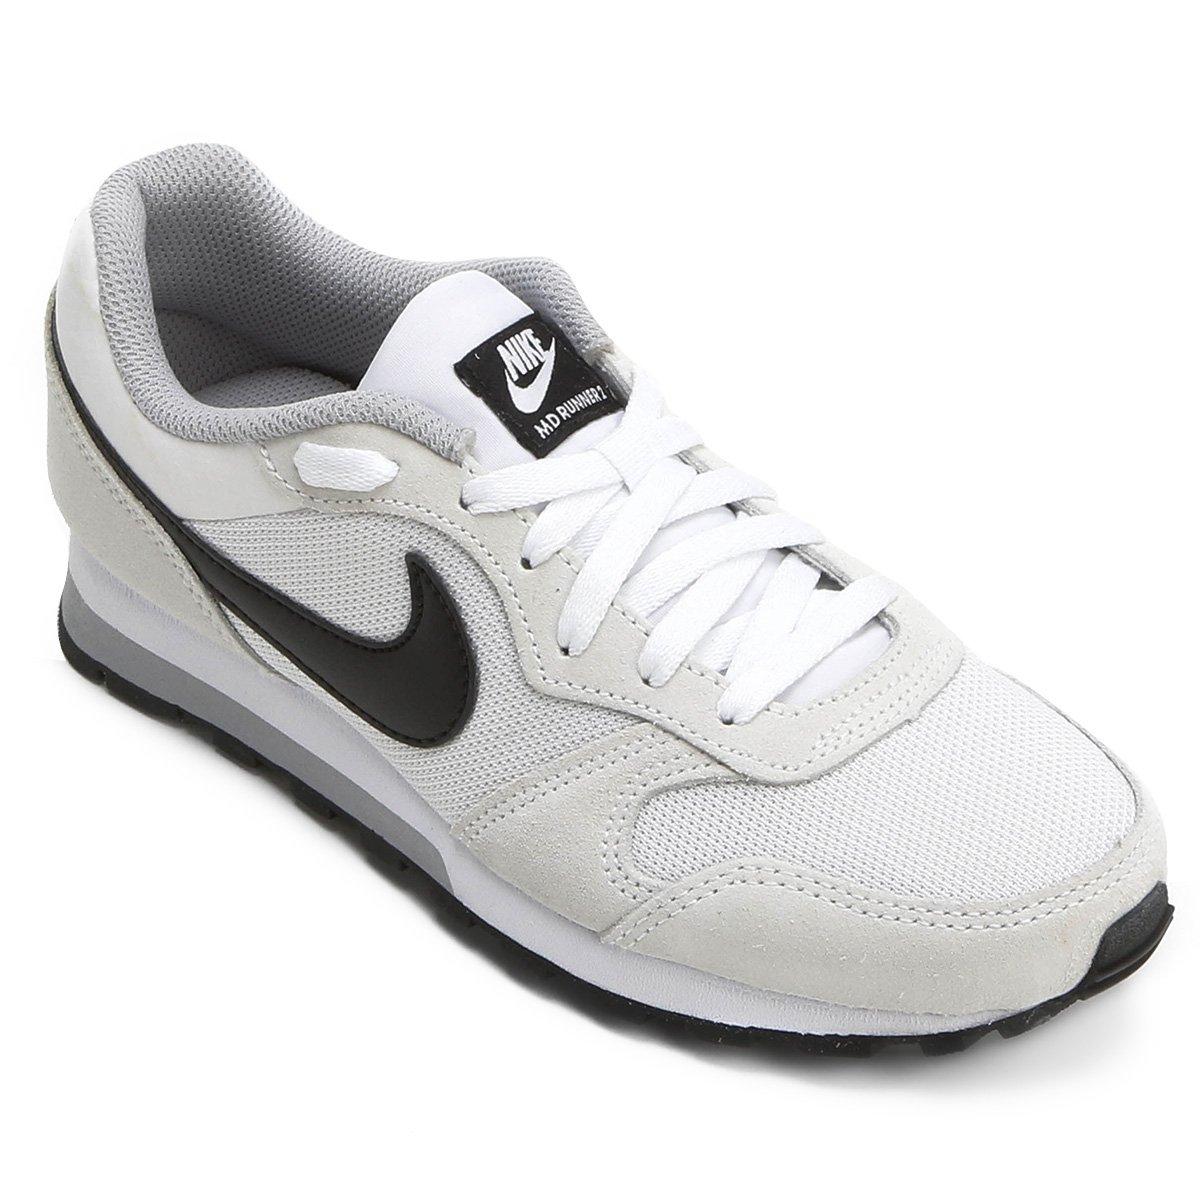 c31f3643f0f87 Tênis Nike Md Runner 2 Feminino - Gelo e Preto - Compre Agora